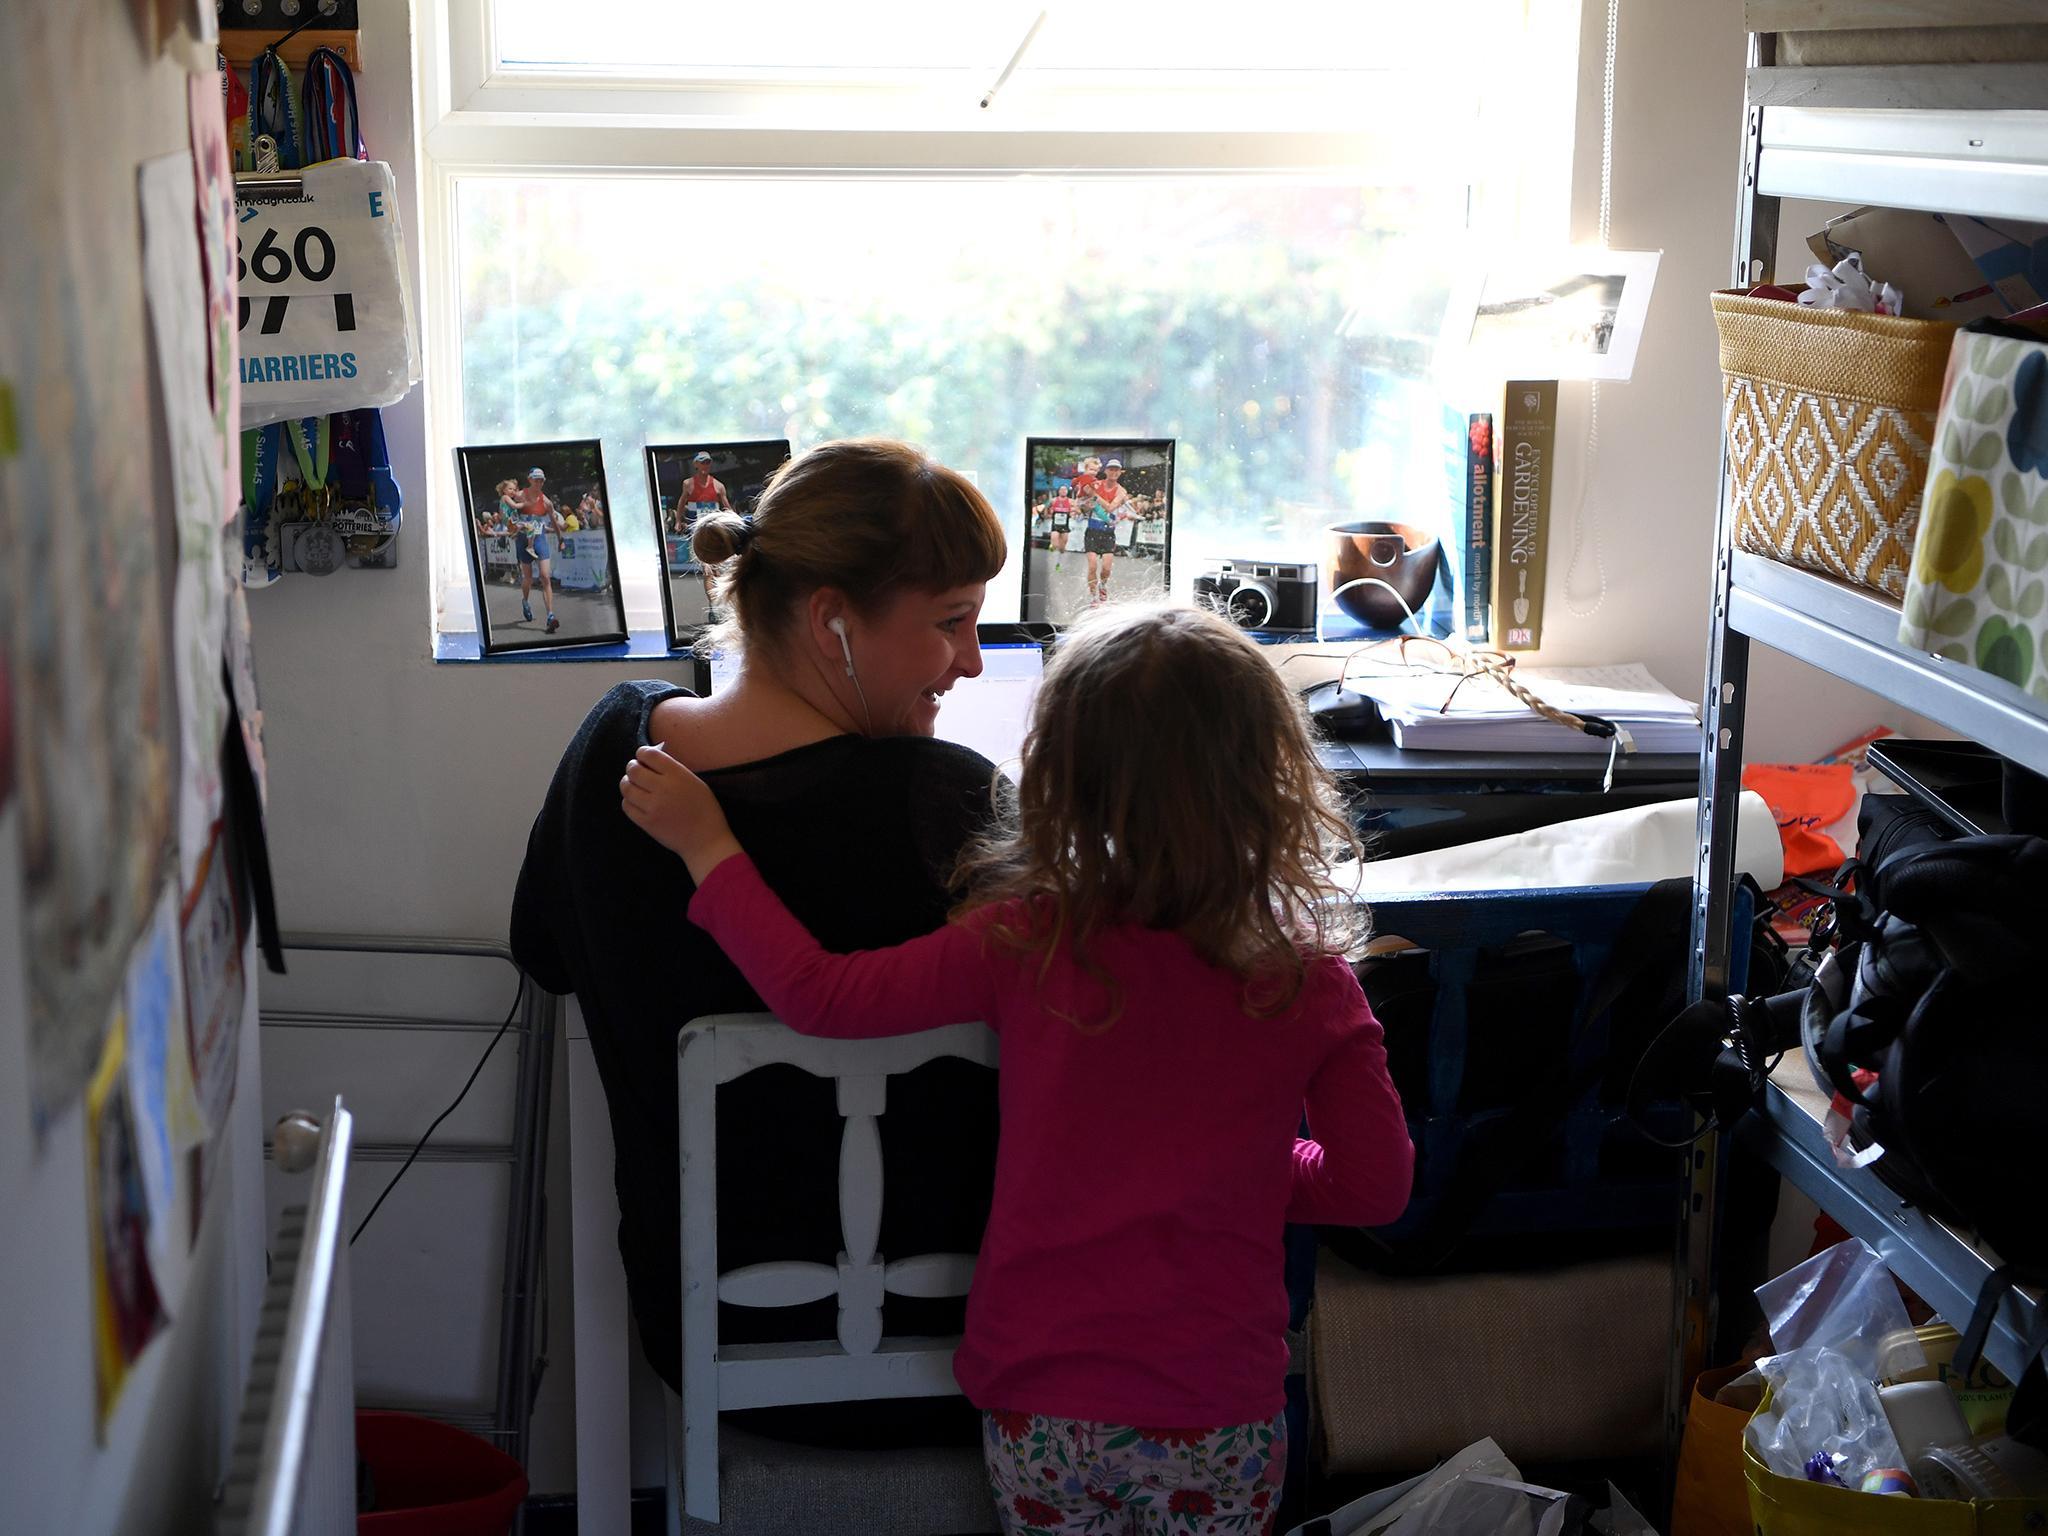 Lockdown threatens to widen gender pay gap, researchers warn